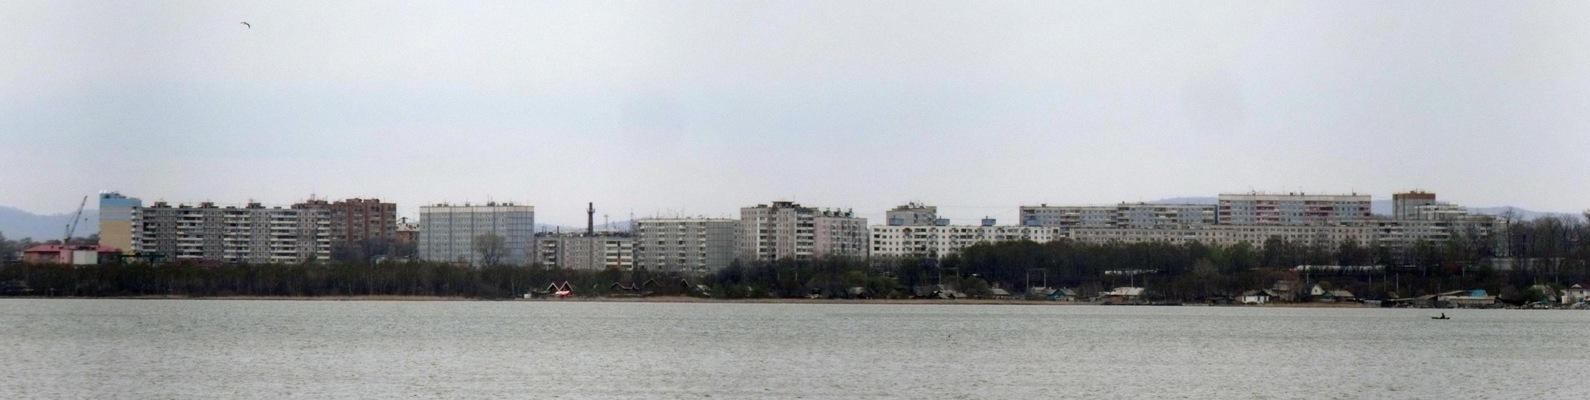 Поселок сукко анапа фото